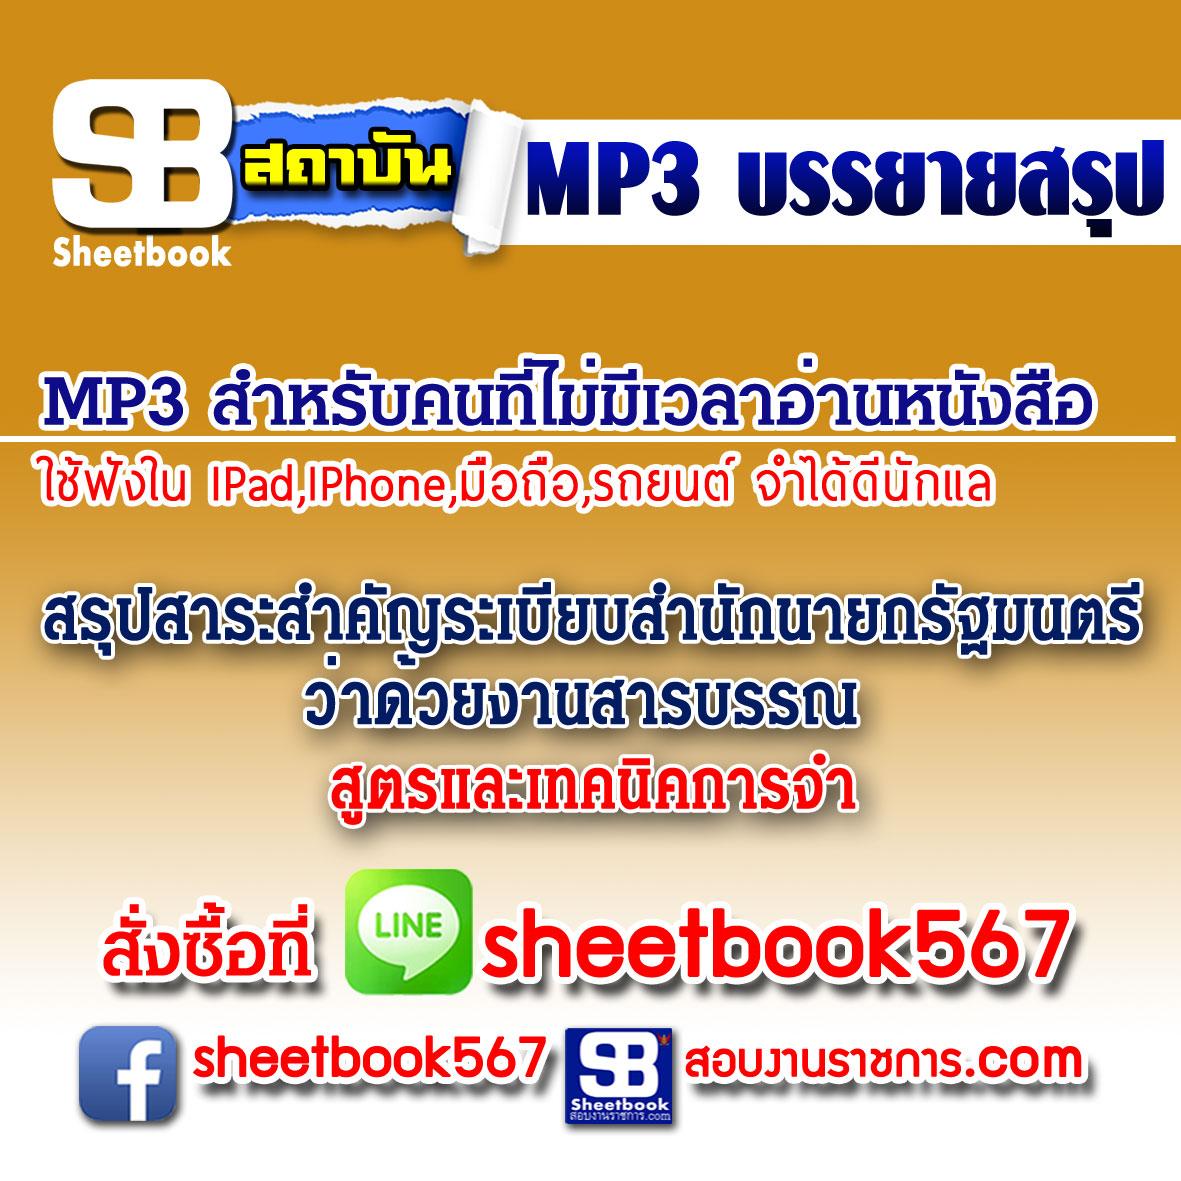 P020 - สรุปสาระสำคัญระเบียบสำนักนายกรัฐมนตรีว่าด้วยงานสารบรรณ _สูตรและเทคนิคการจำ